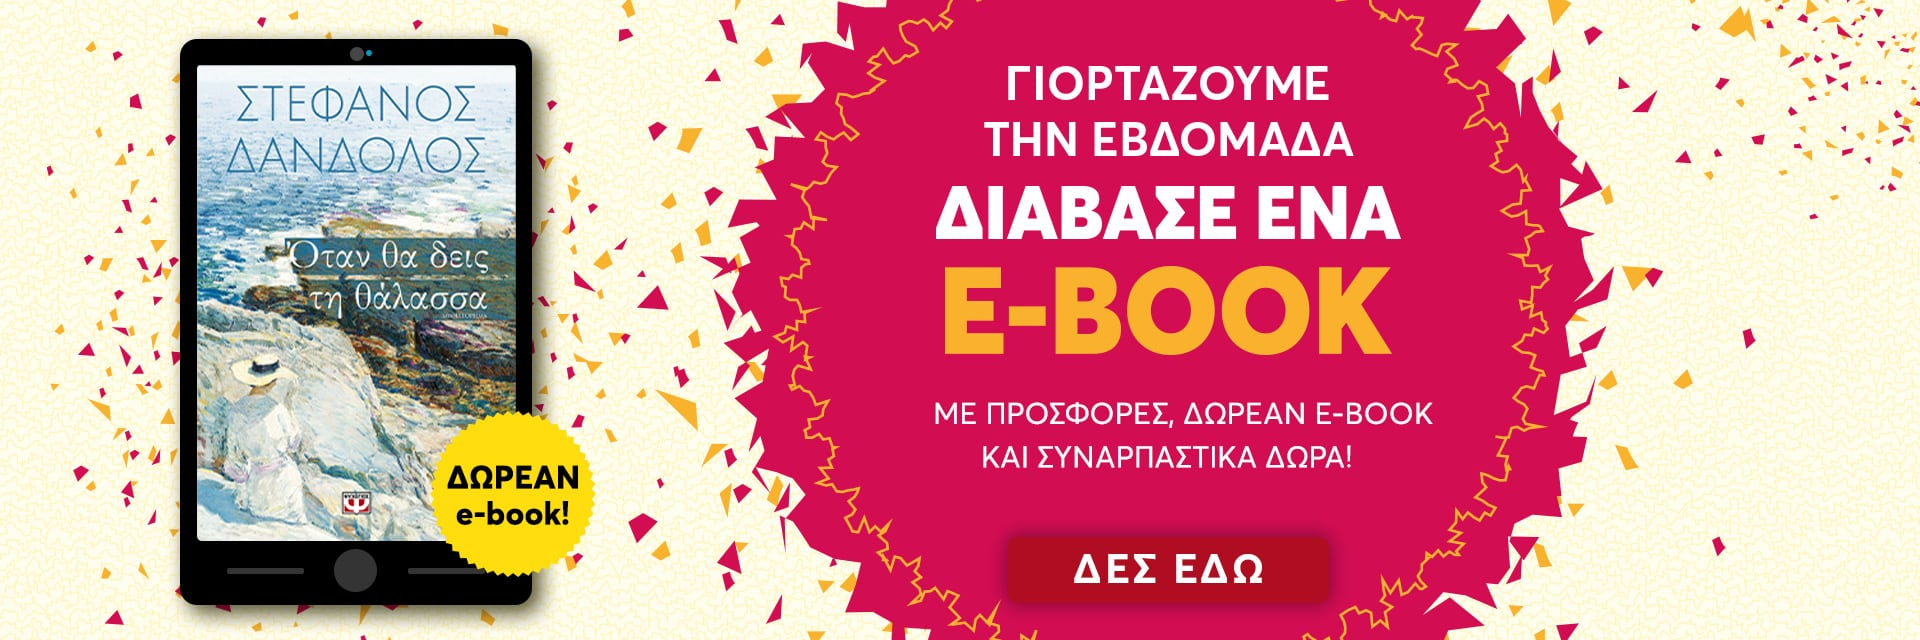 Γιορτάζουμε την εβδομάδα ΔΙΑΒΑΣΕ ΕΝΑ Ε-ΒΟΟΚ